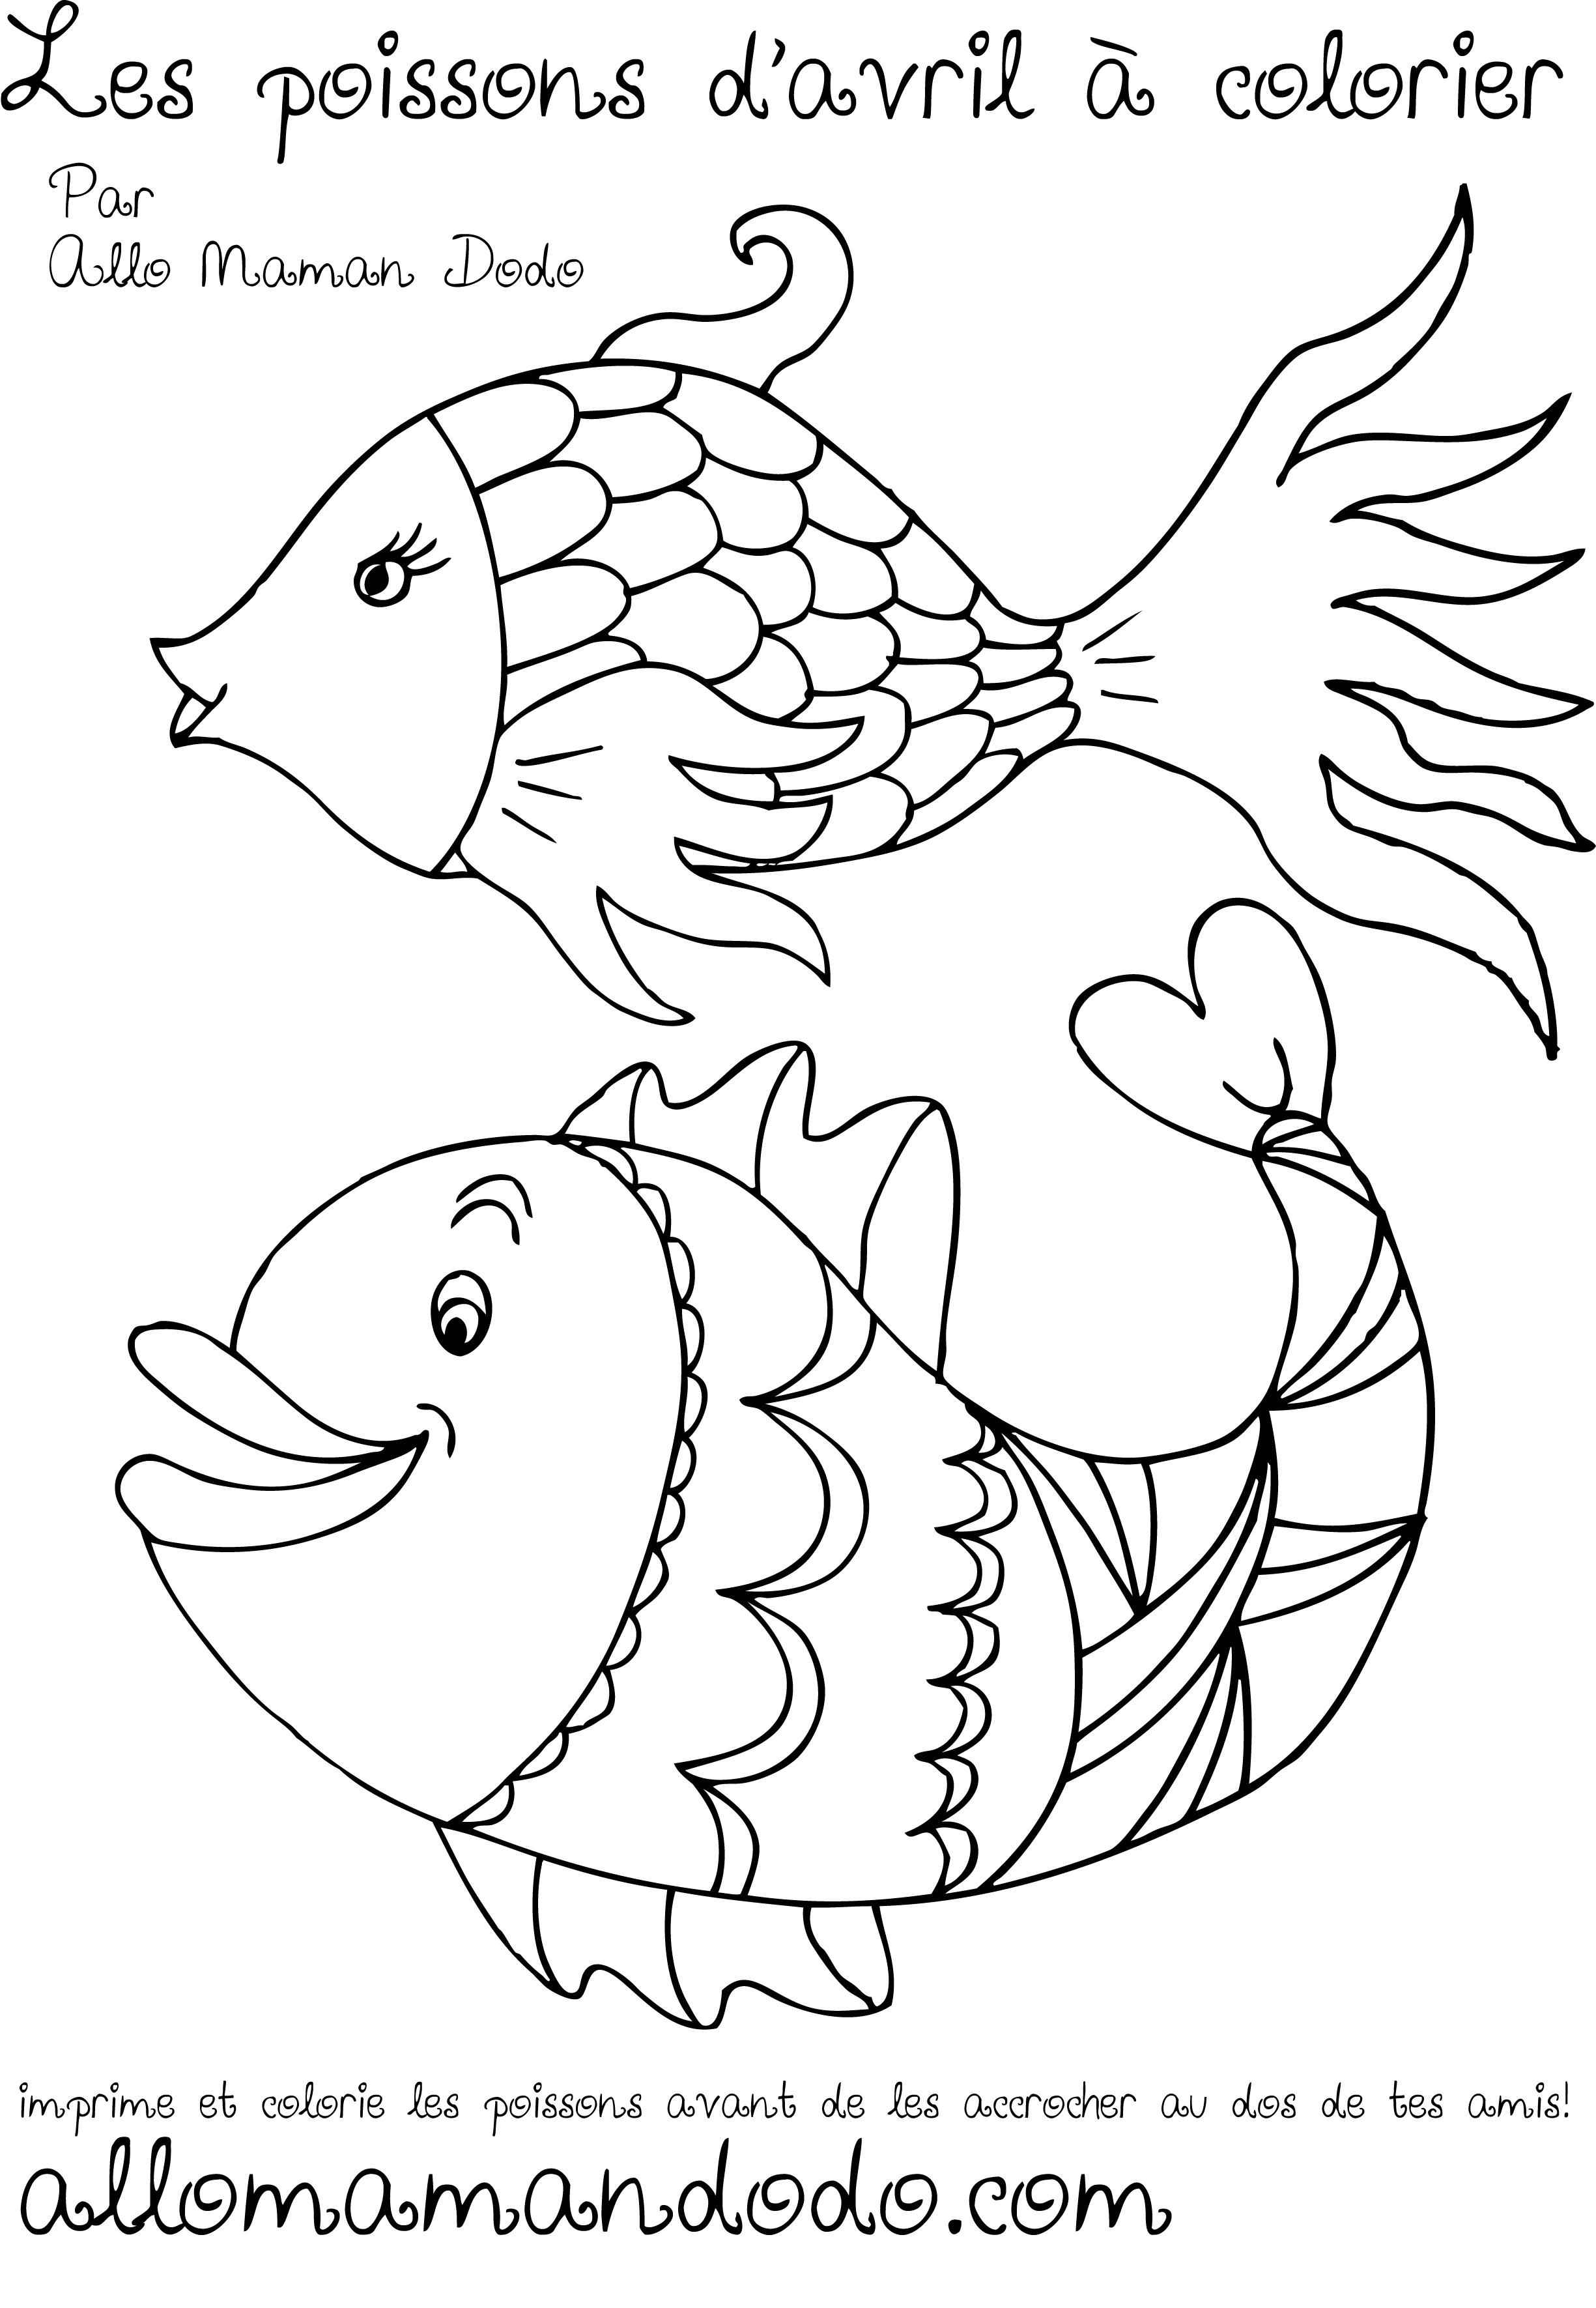 Des poissons imprimer colorier et accrocher poisson - Image de poisson a imprimer ...